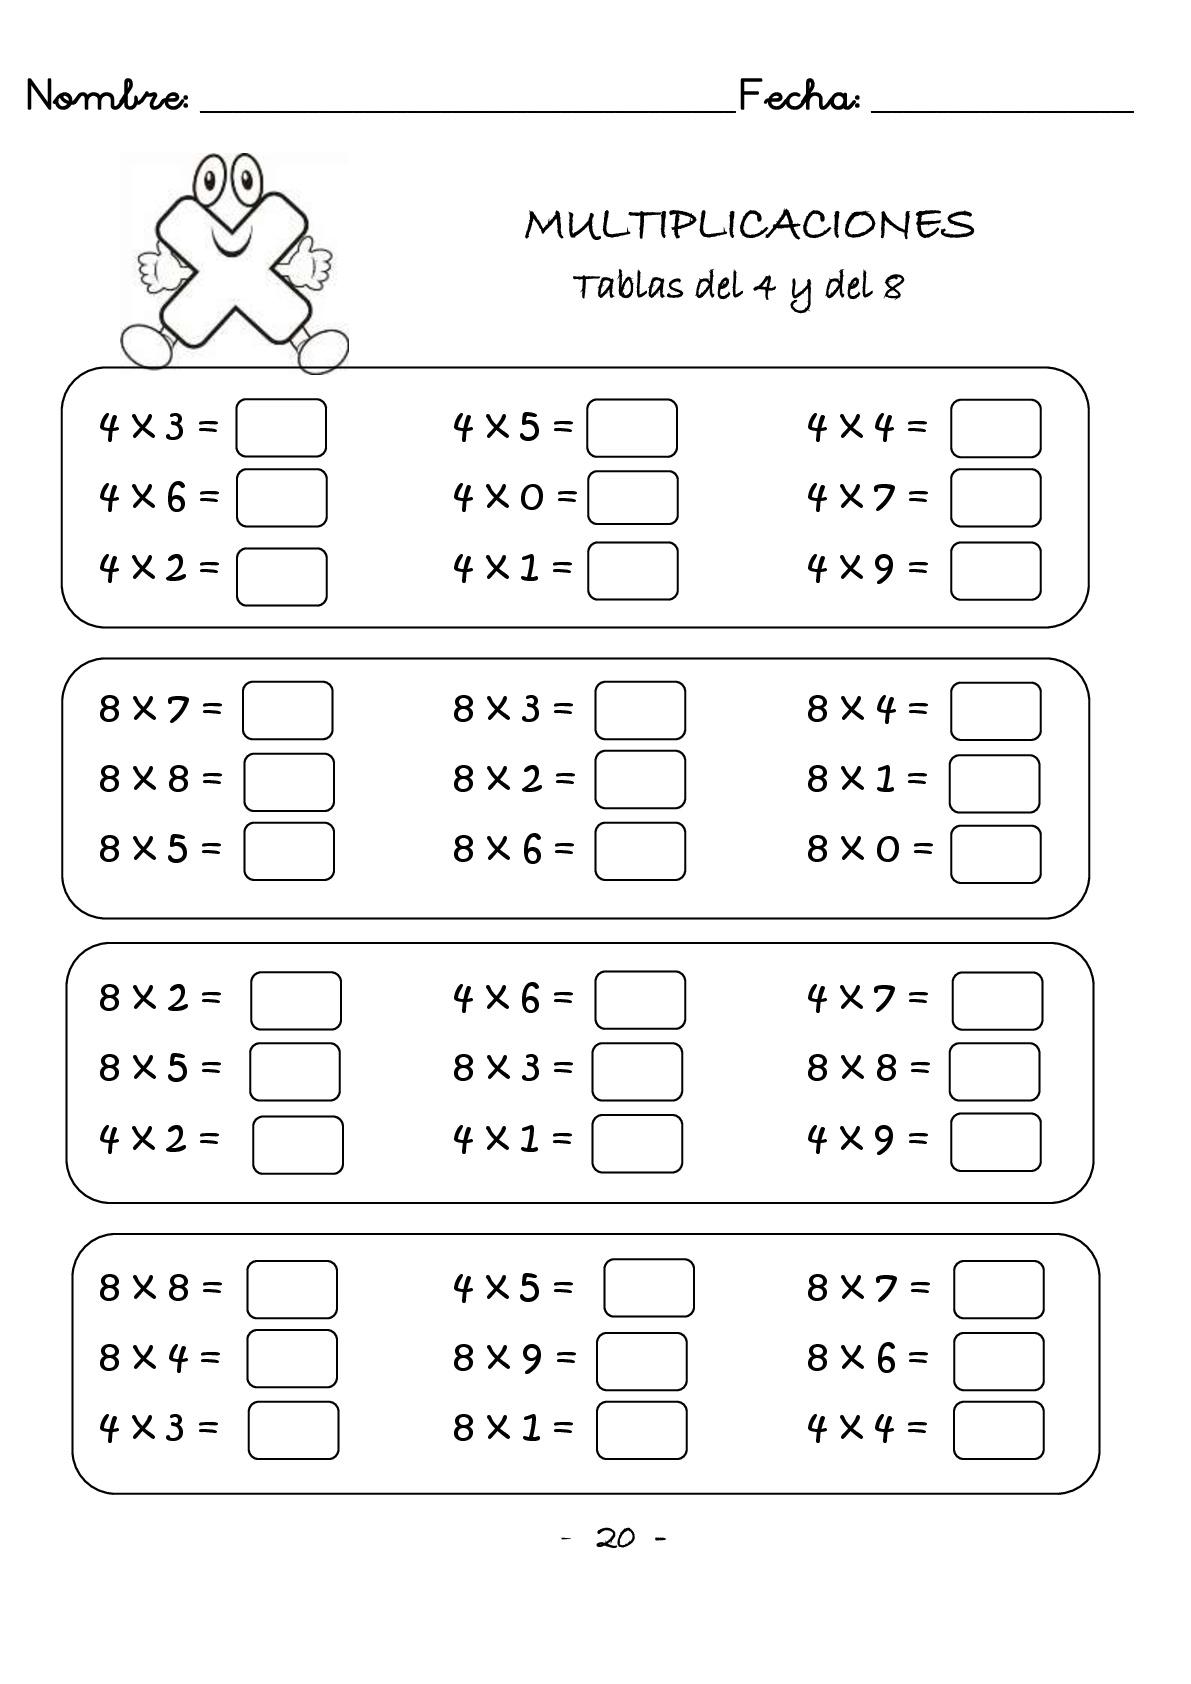 multiplicaciones-rapidas-una-cifra-protegido-021